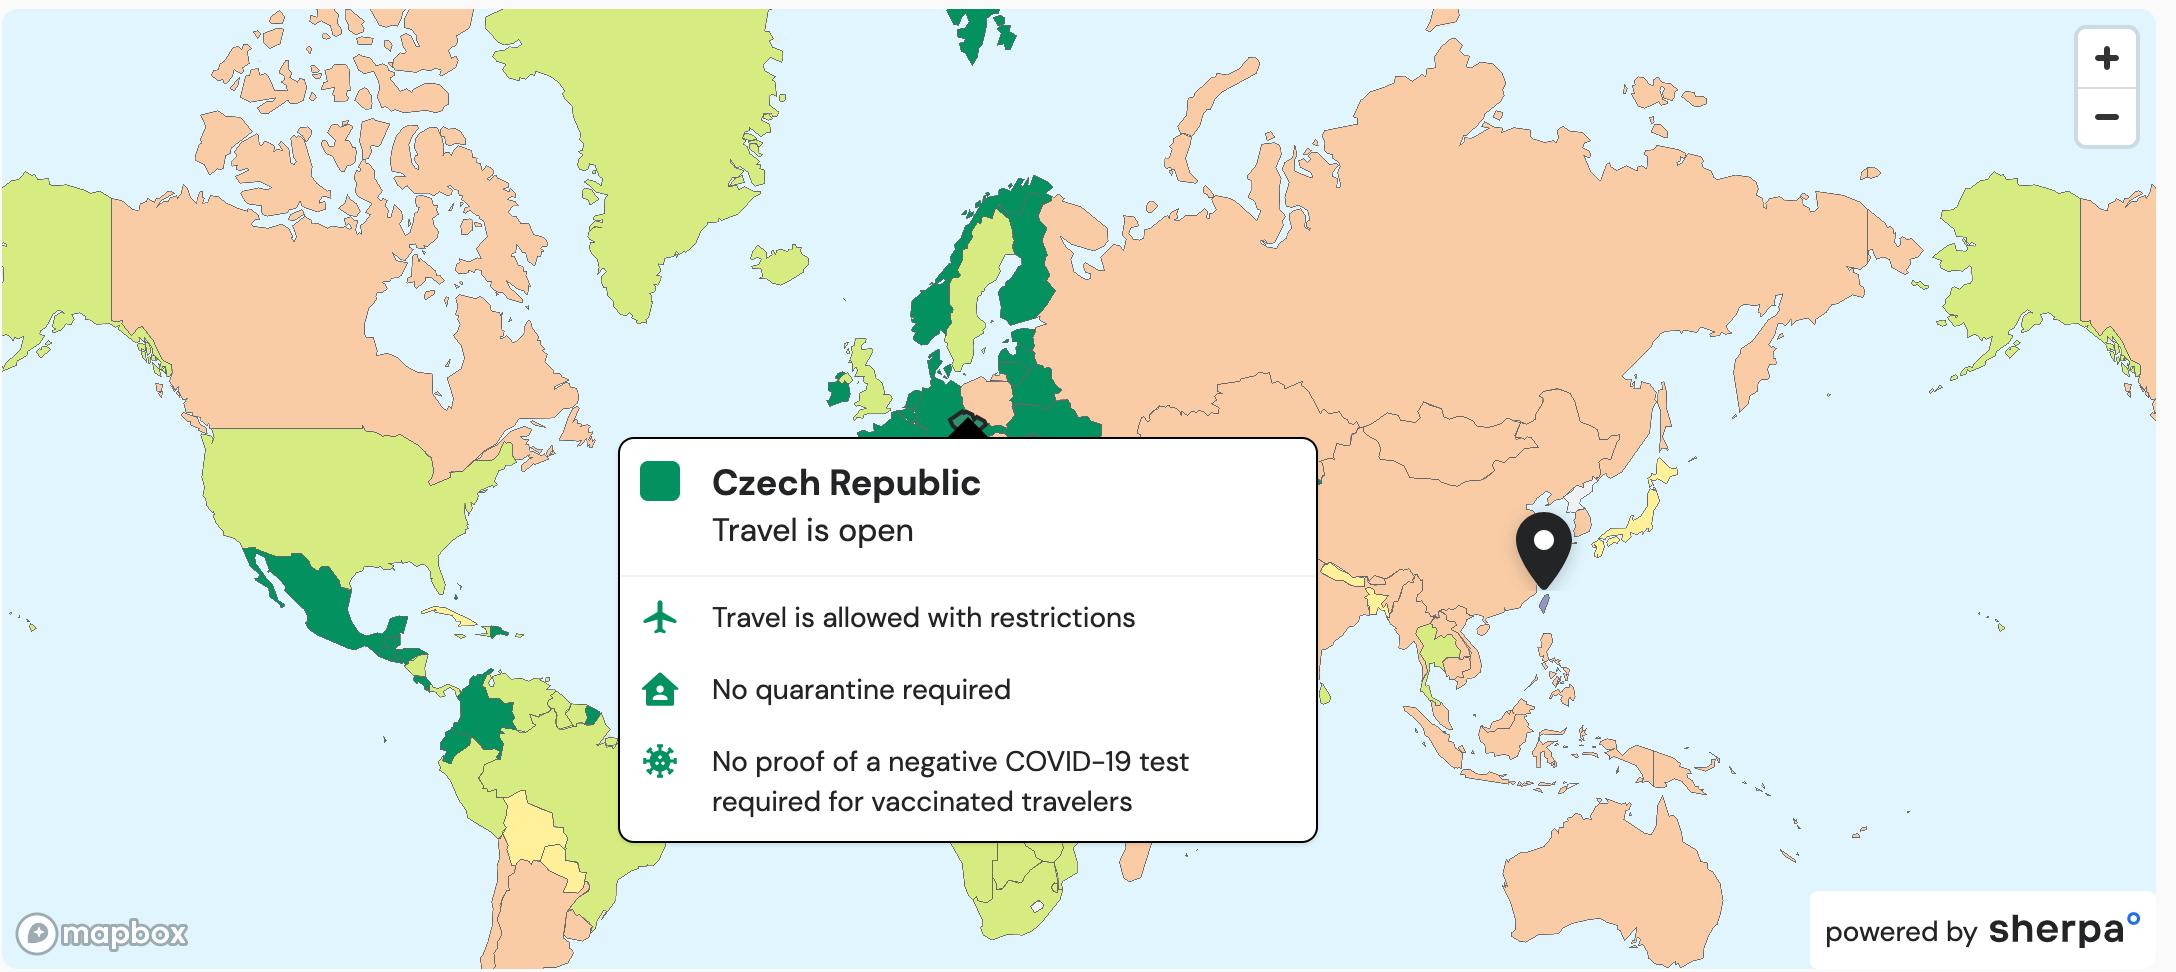 哪些國家開放旅遊了?入境該國疫苗接種規定是什麼?covid-19世界旅遊開放狀況網站查詢,可查詢不同國家出發、持有哪些護照可入境哪些國家?